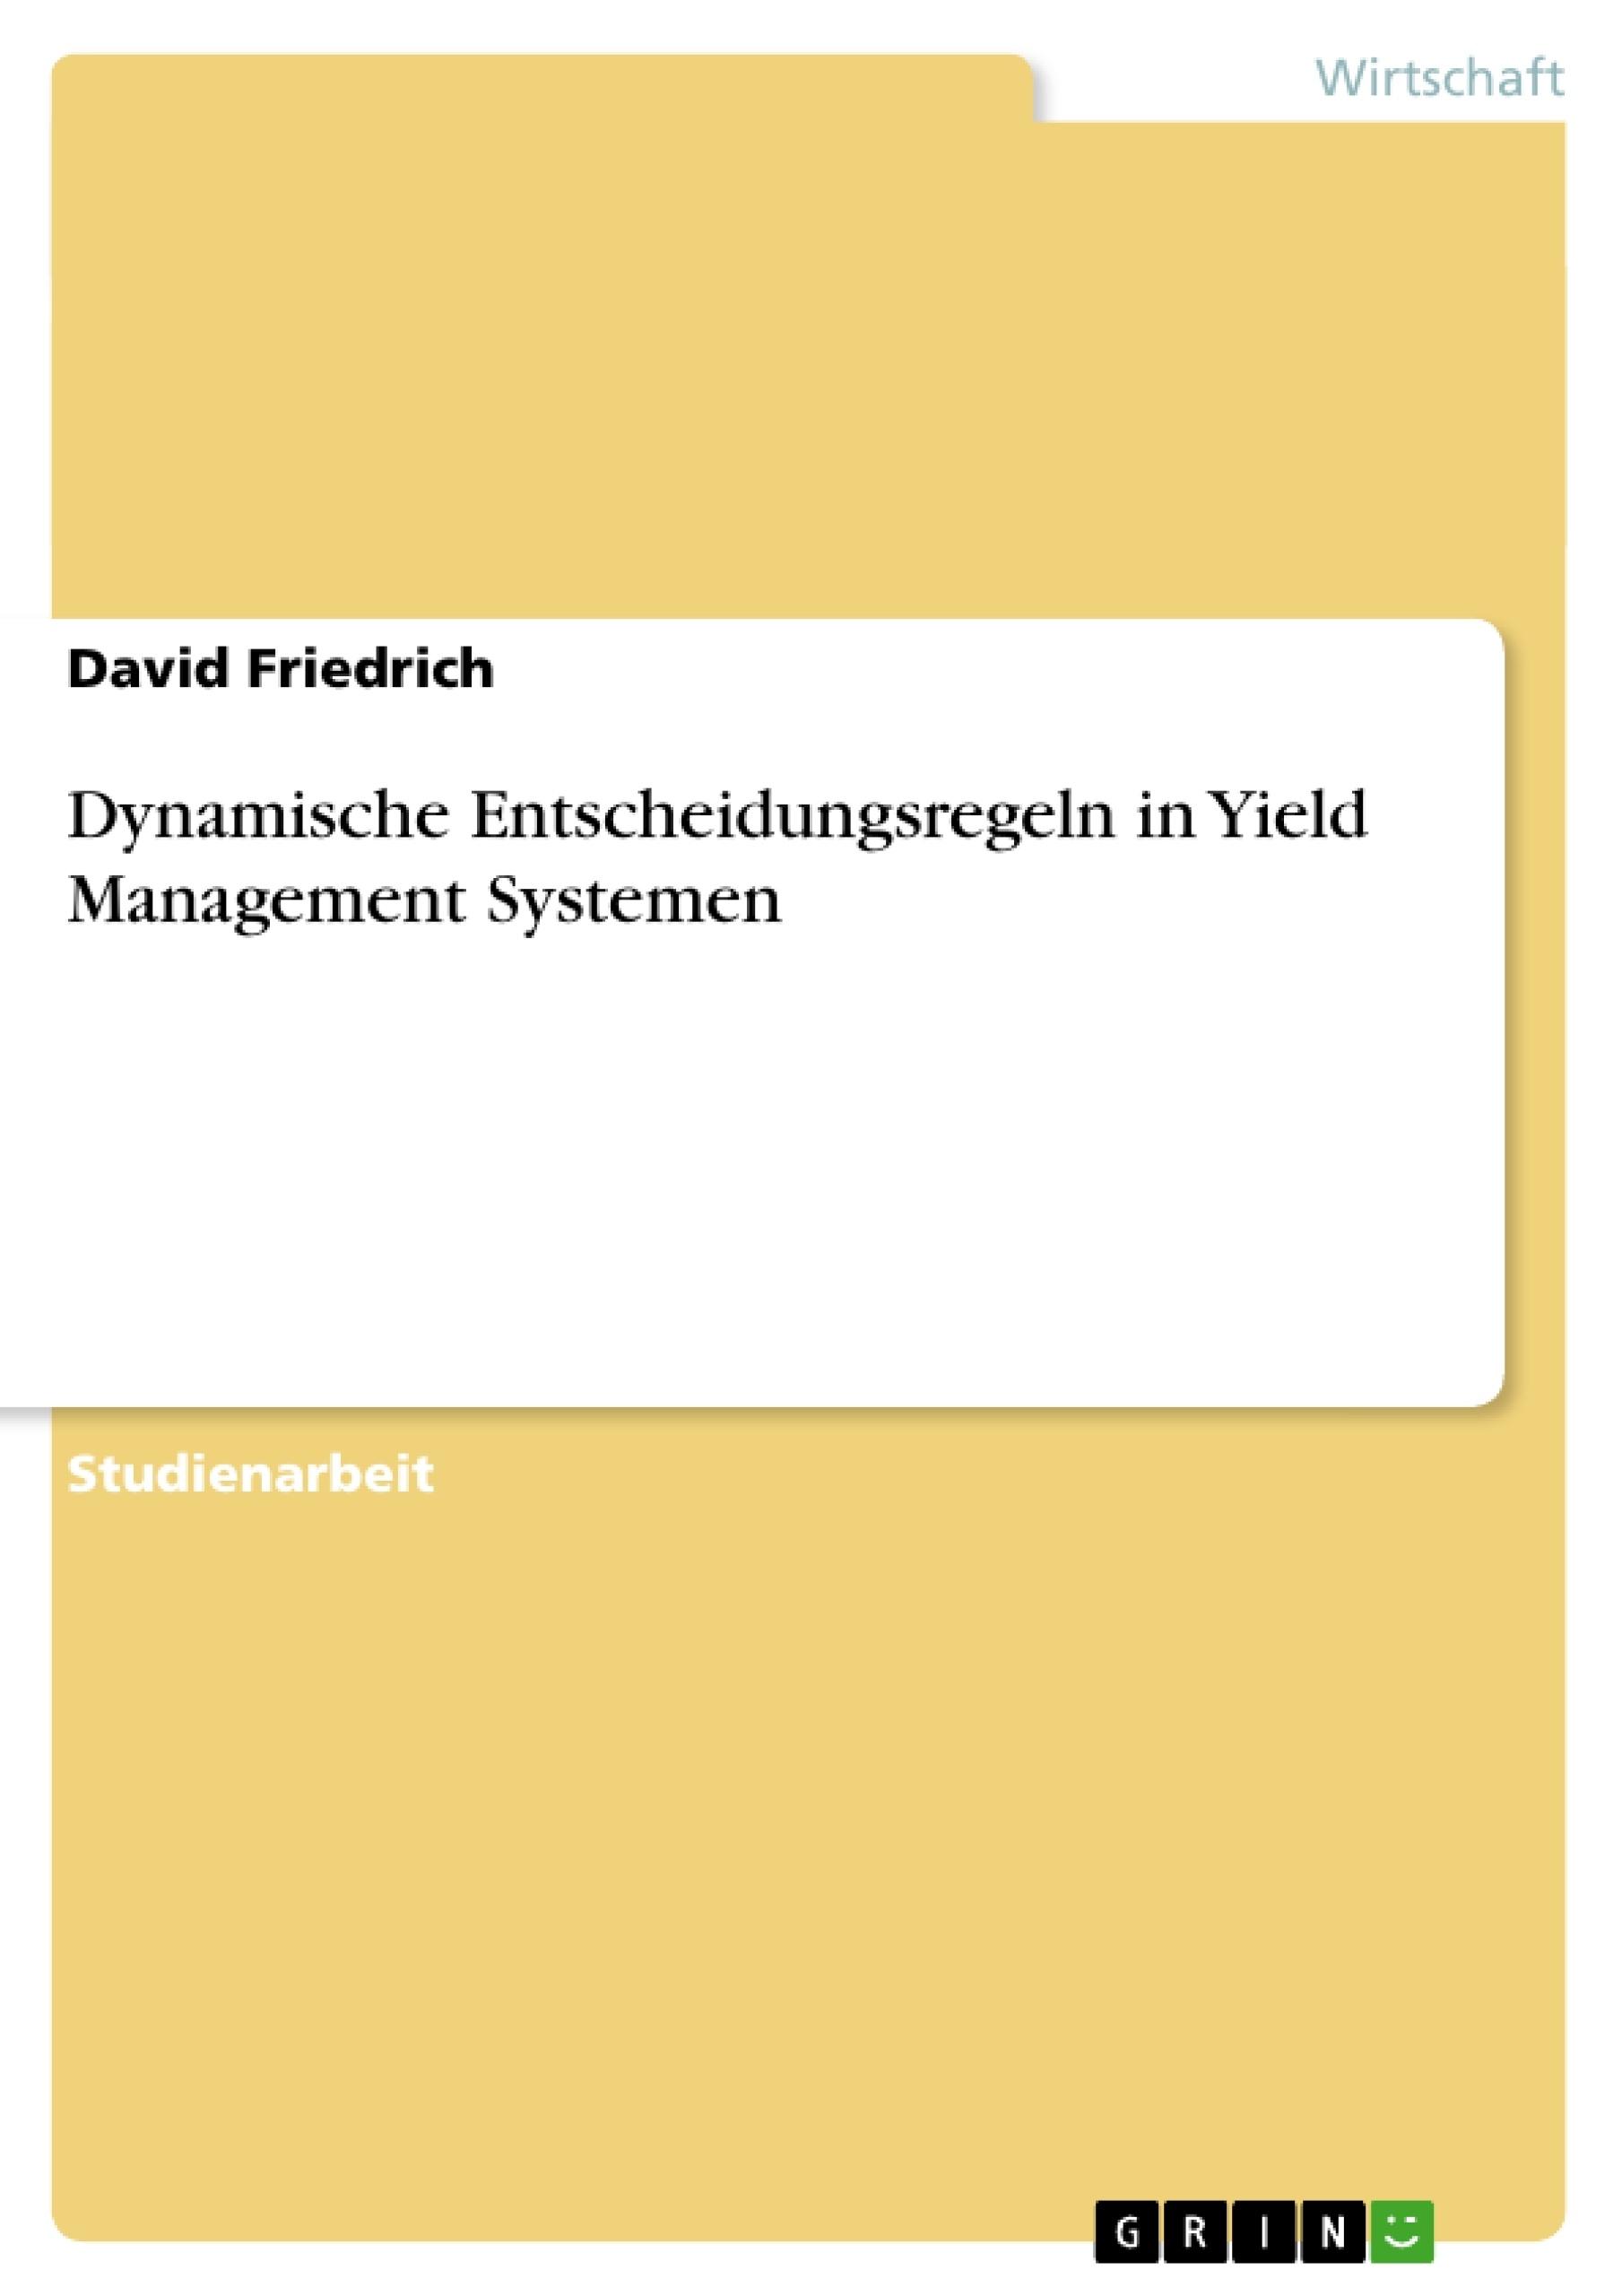 Titel: Dynamische Entscheidungsregeln in Yield Management Systemen